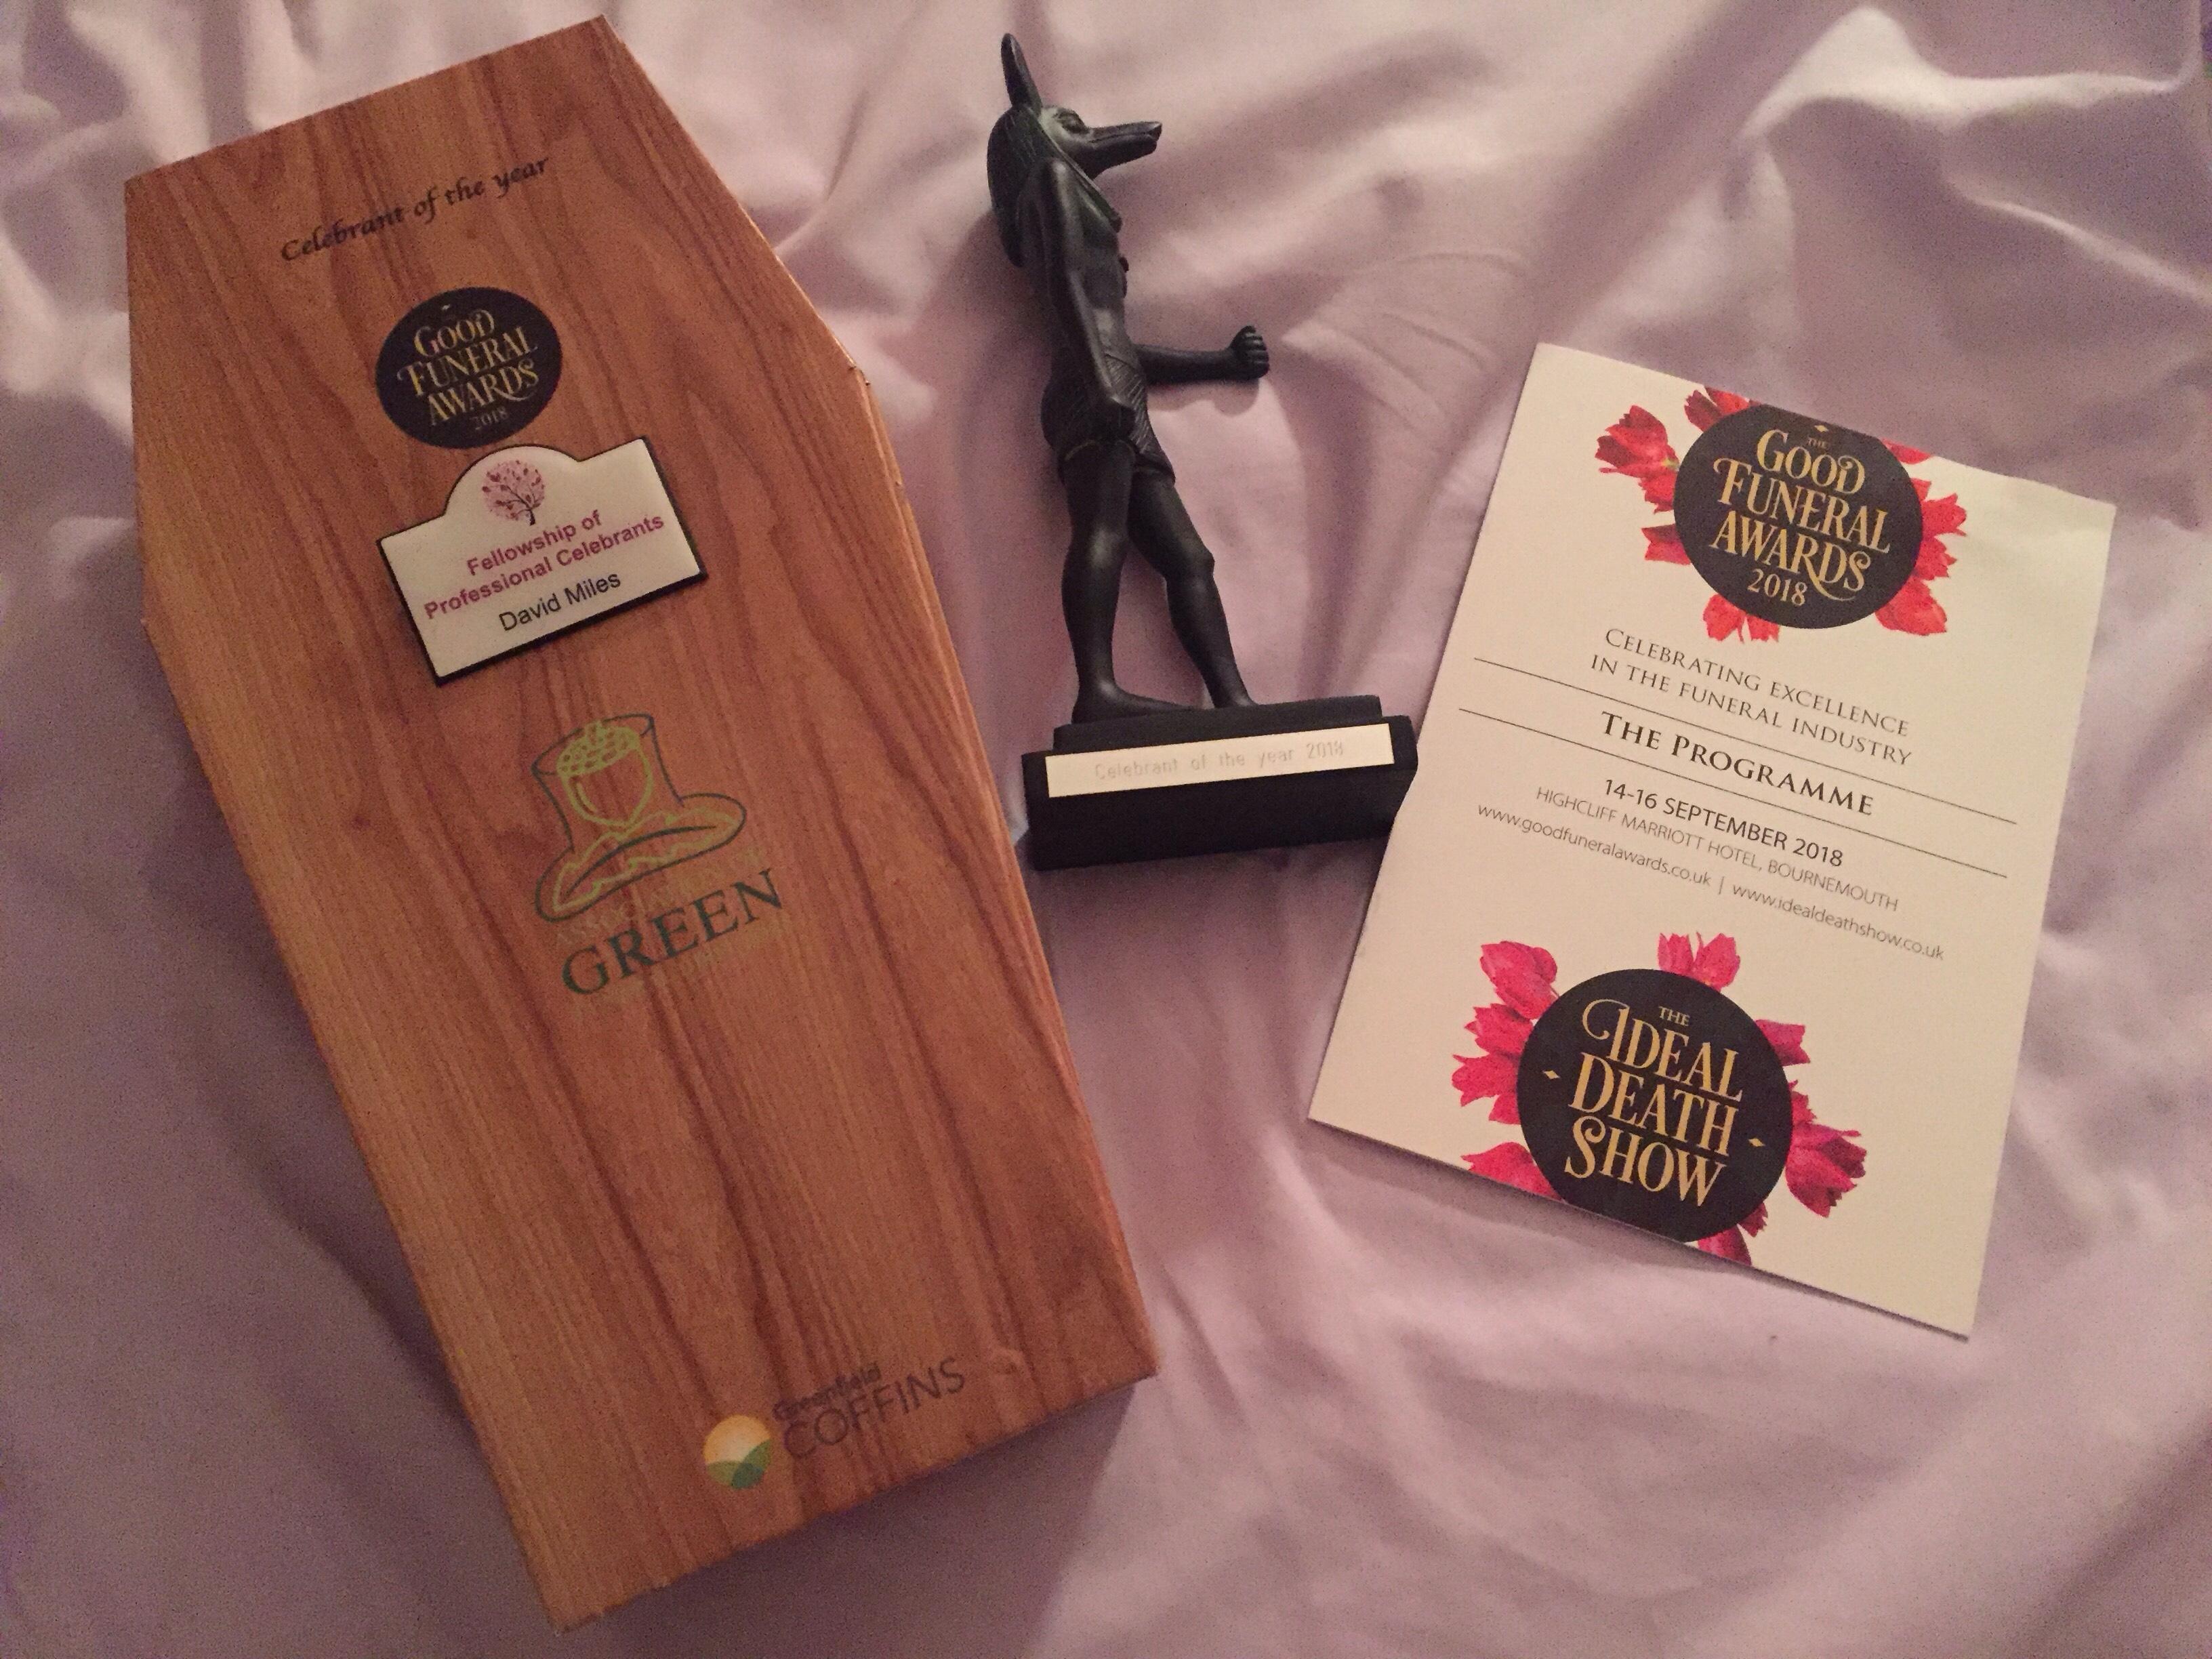 2018 Celebrant awards